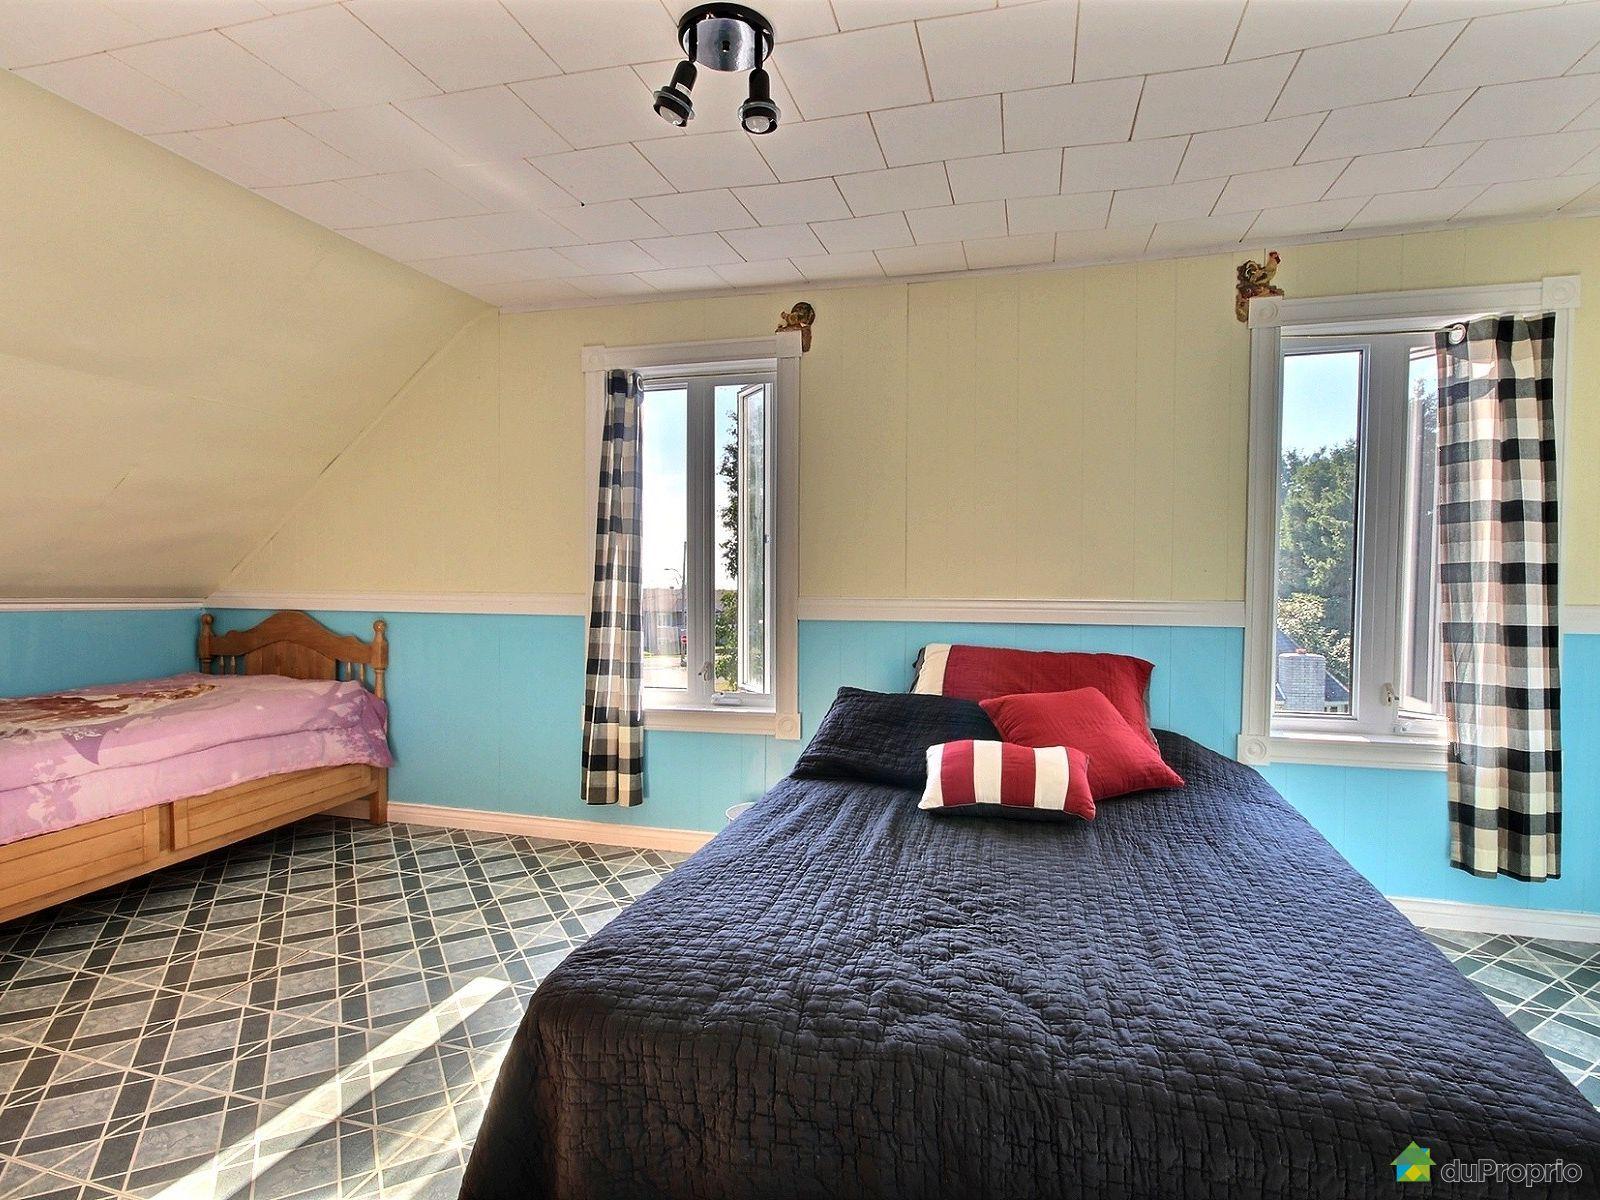 chambre des maitres maison a un etage et demi a vendre st jean de dieu quebec province 1600 6559387 19 Luxe Demi Armoire Cuisine Hiw6